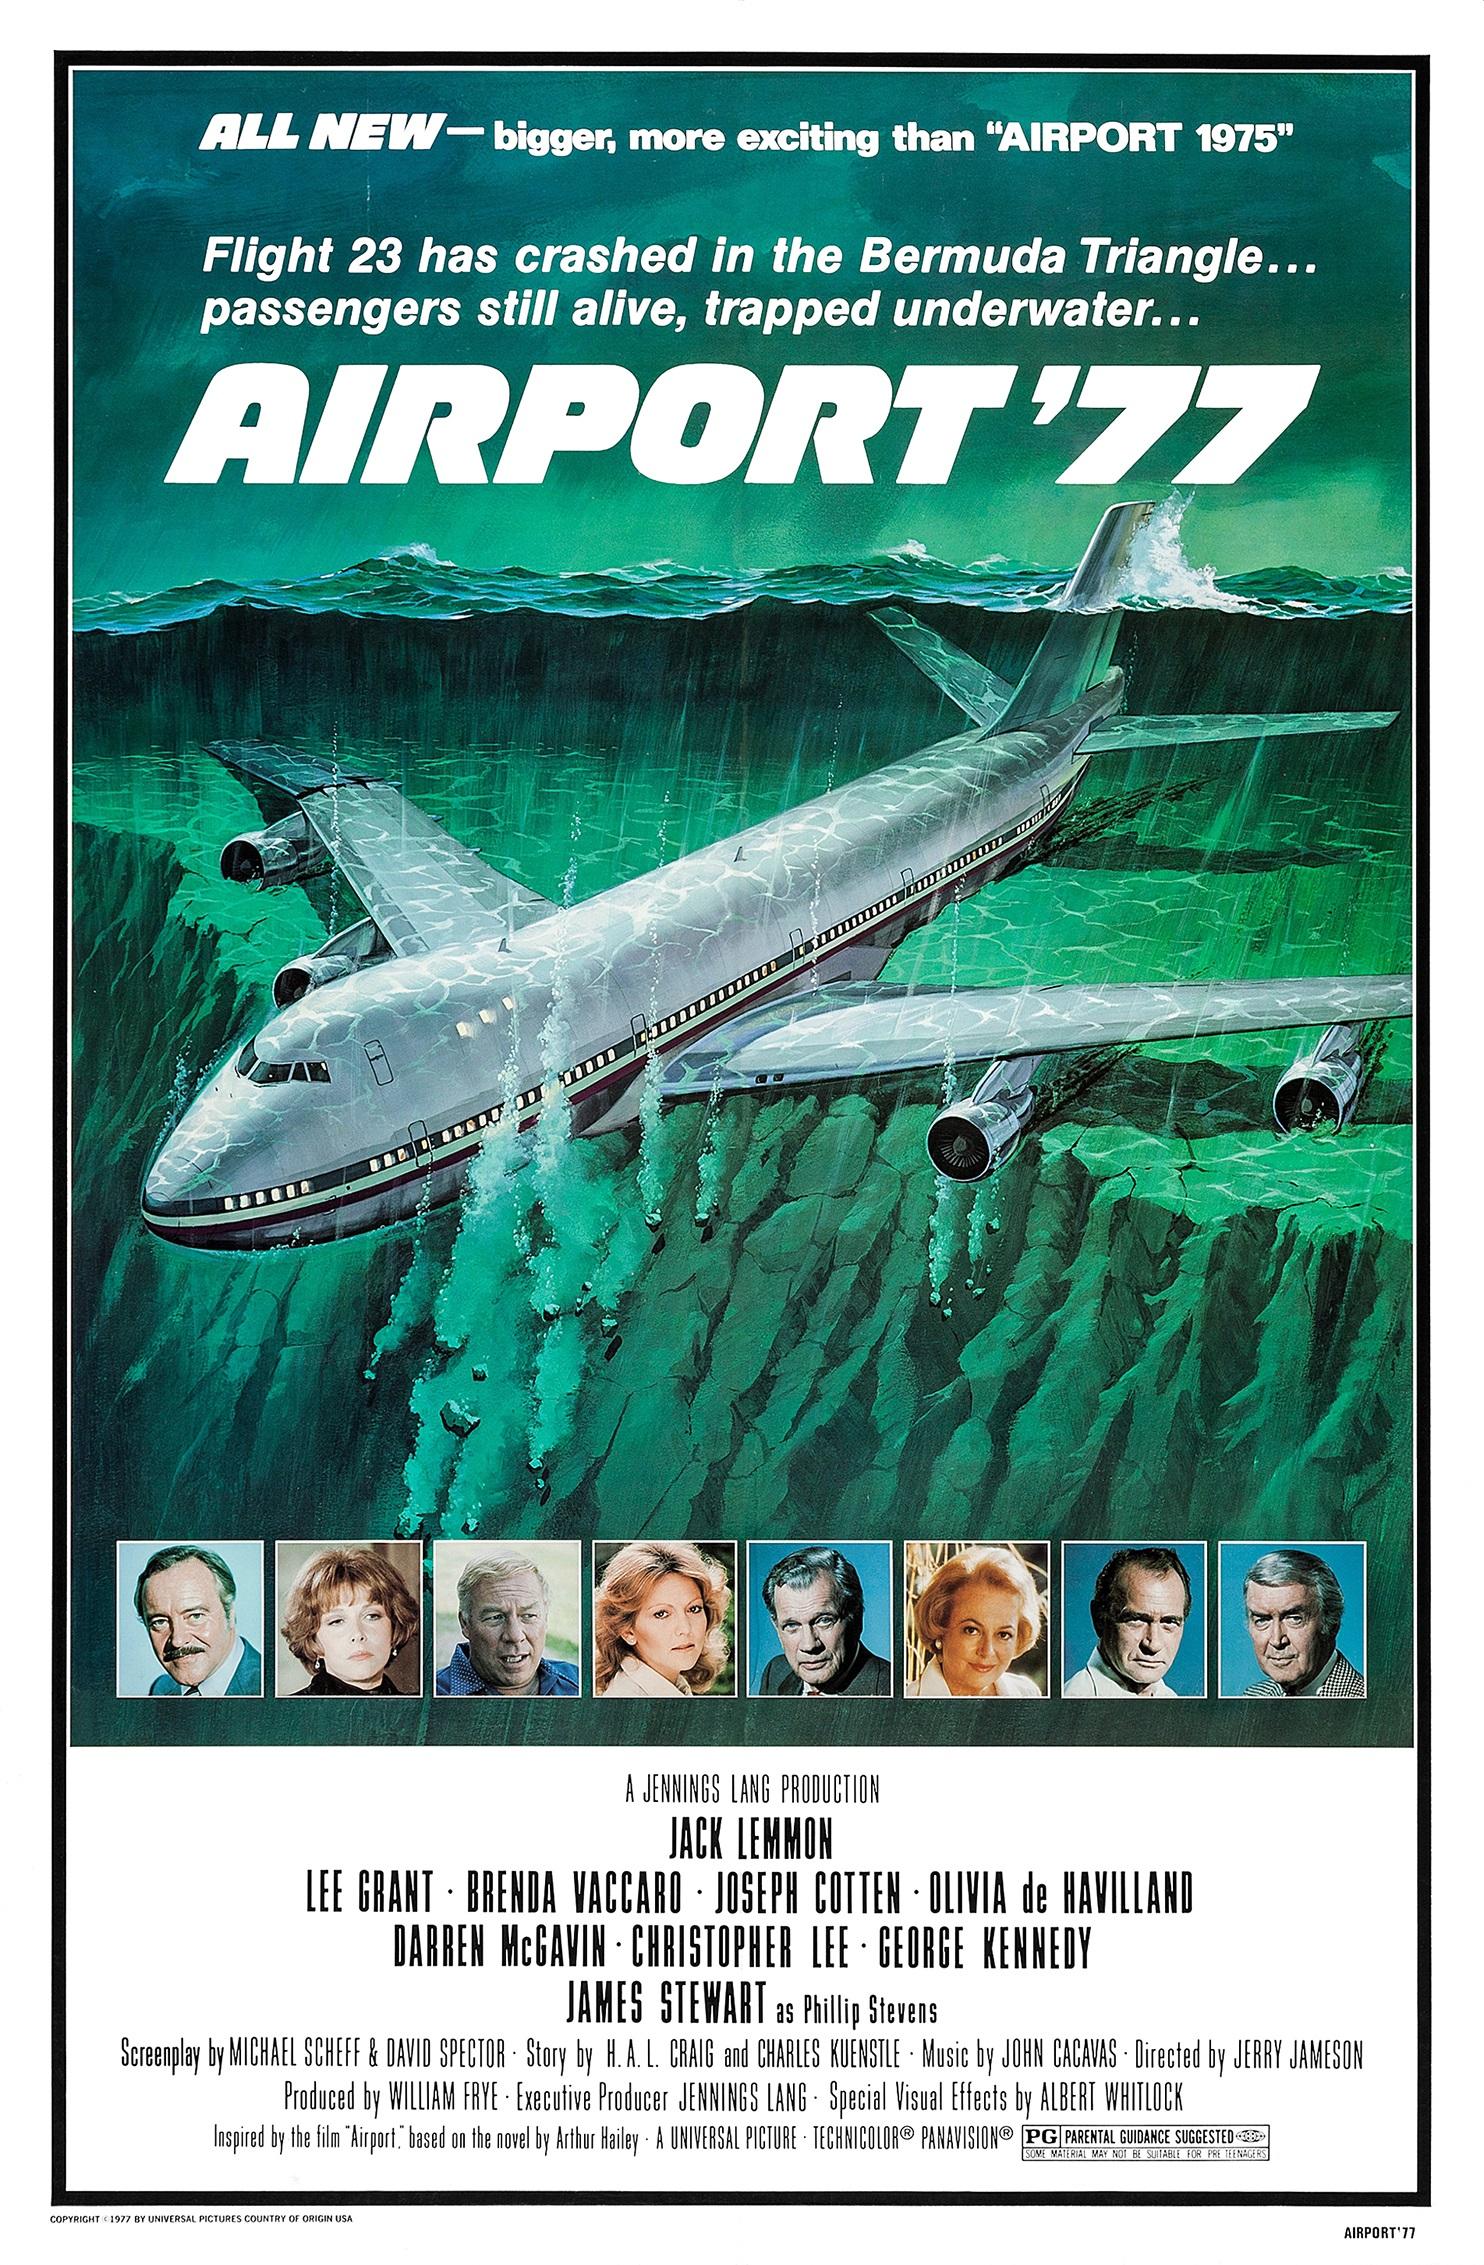 Aeropuerto '77